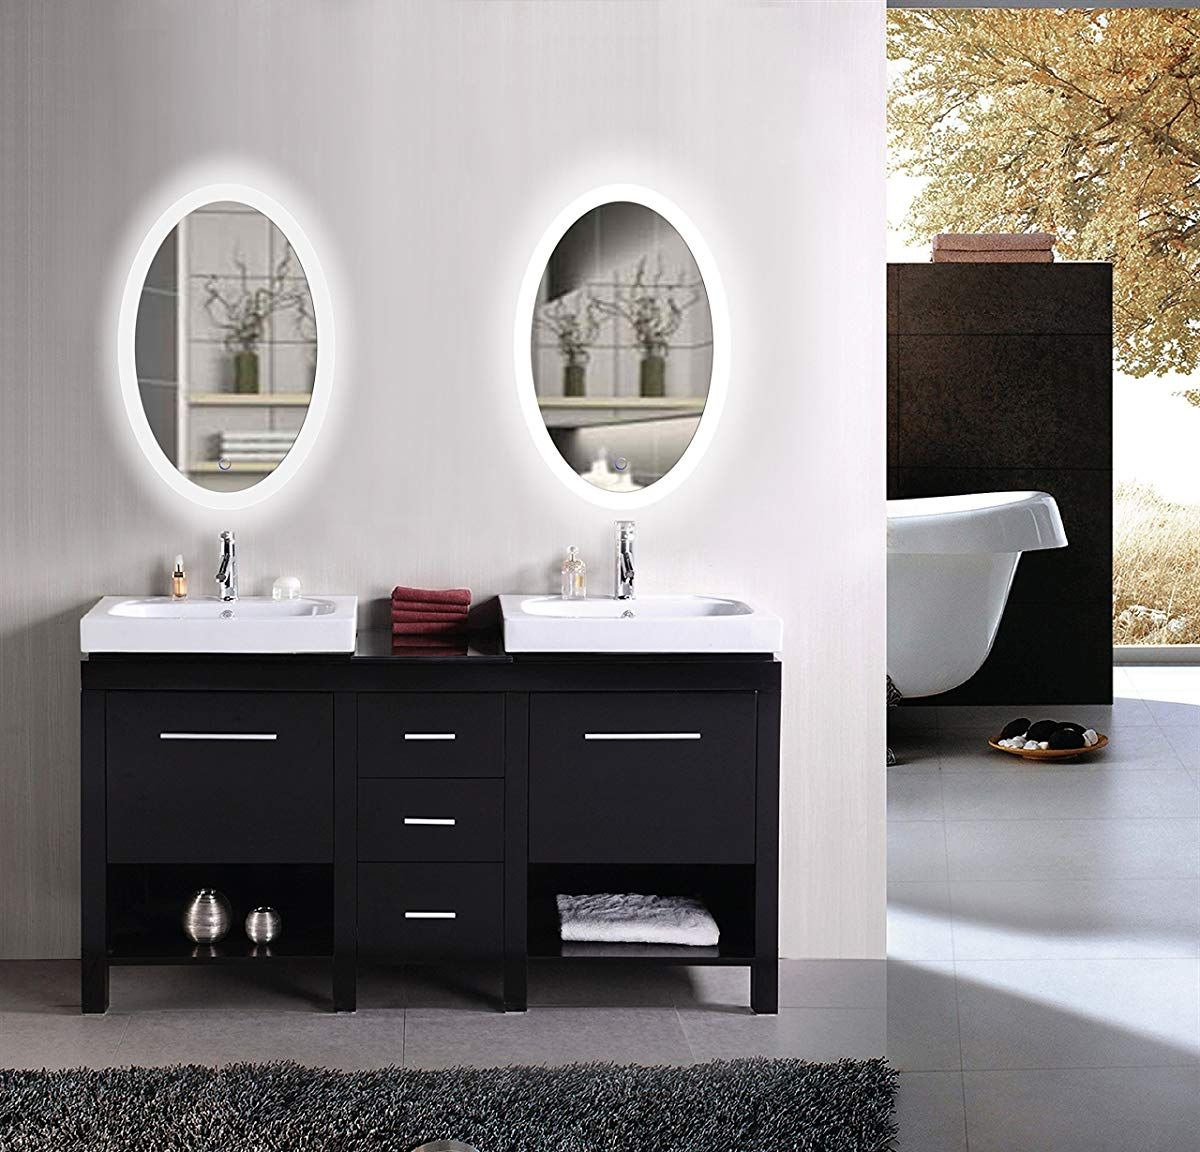 Krugg Oval Led Bathroom Mirror 20 Inch X 30 Inch Led Mirror